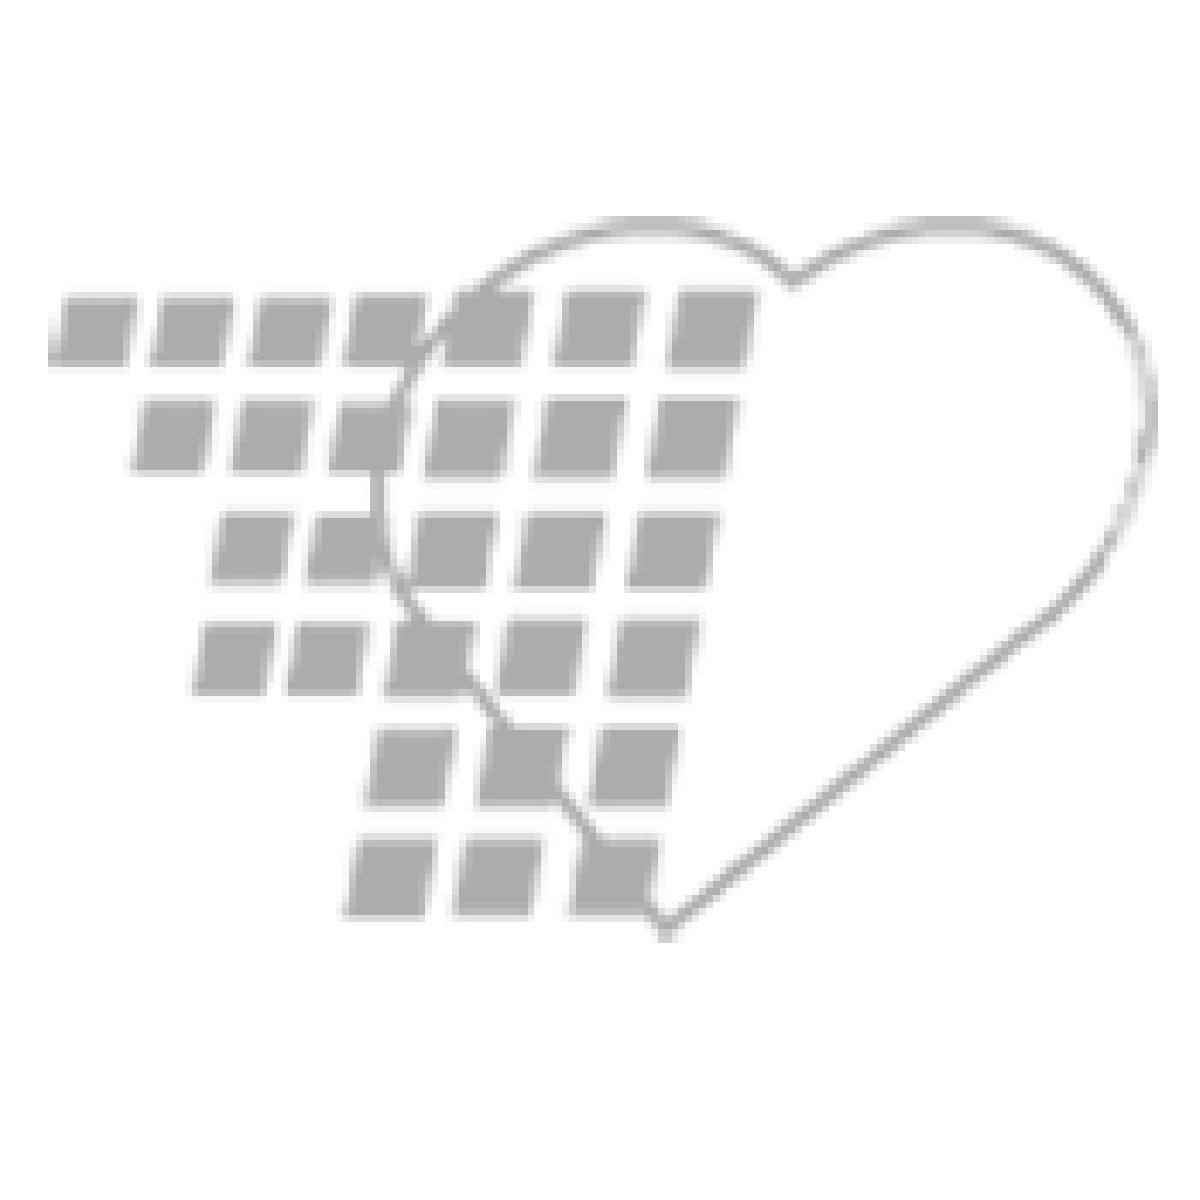 11-81-0006-BGELG - SimSleeves® Pair - Large Beige